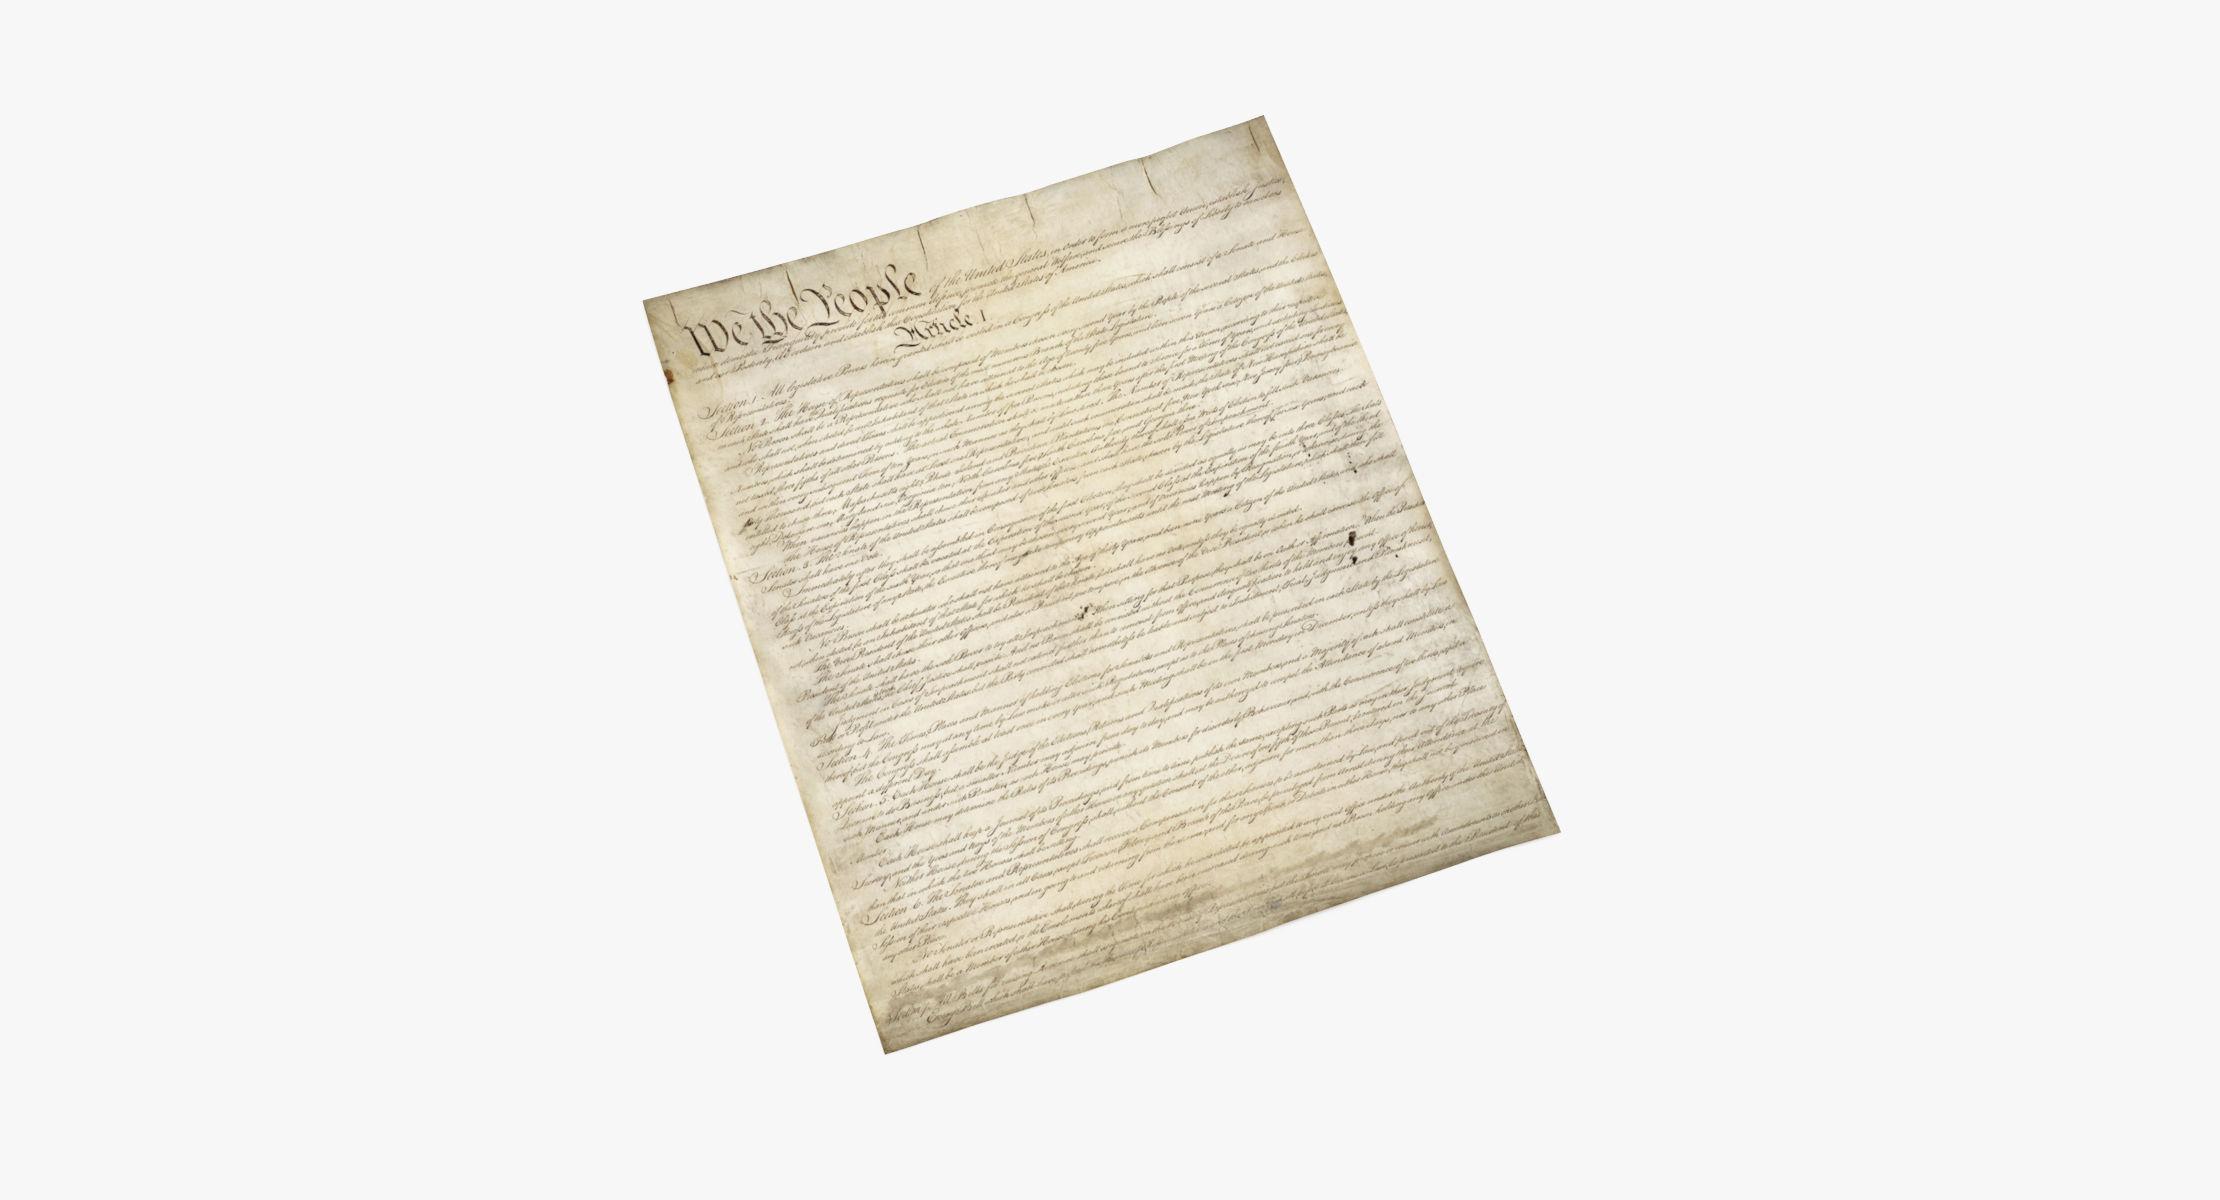 Constitution Flat 01 - reel 1